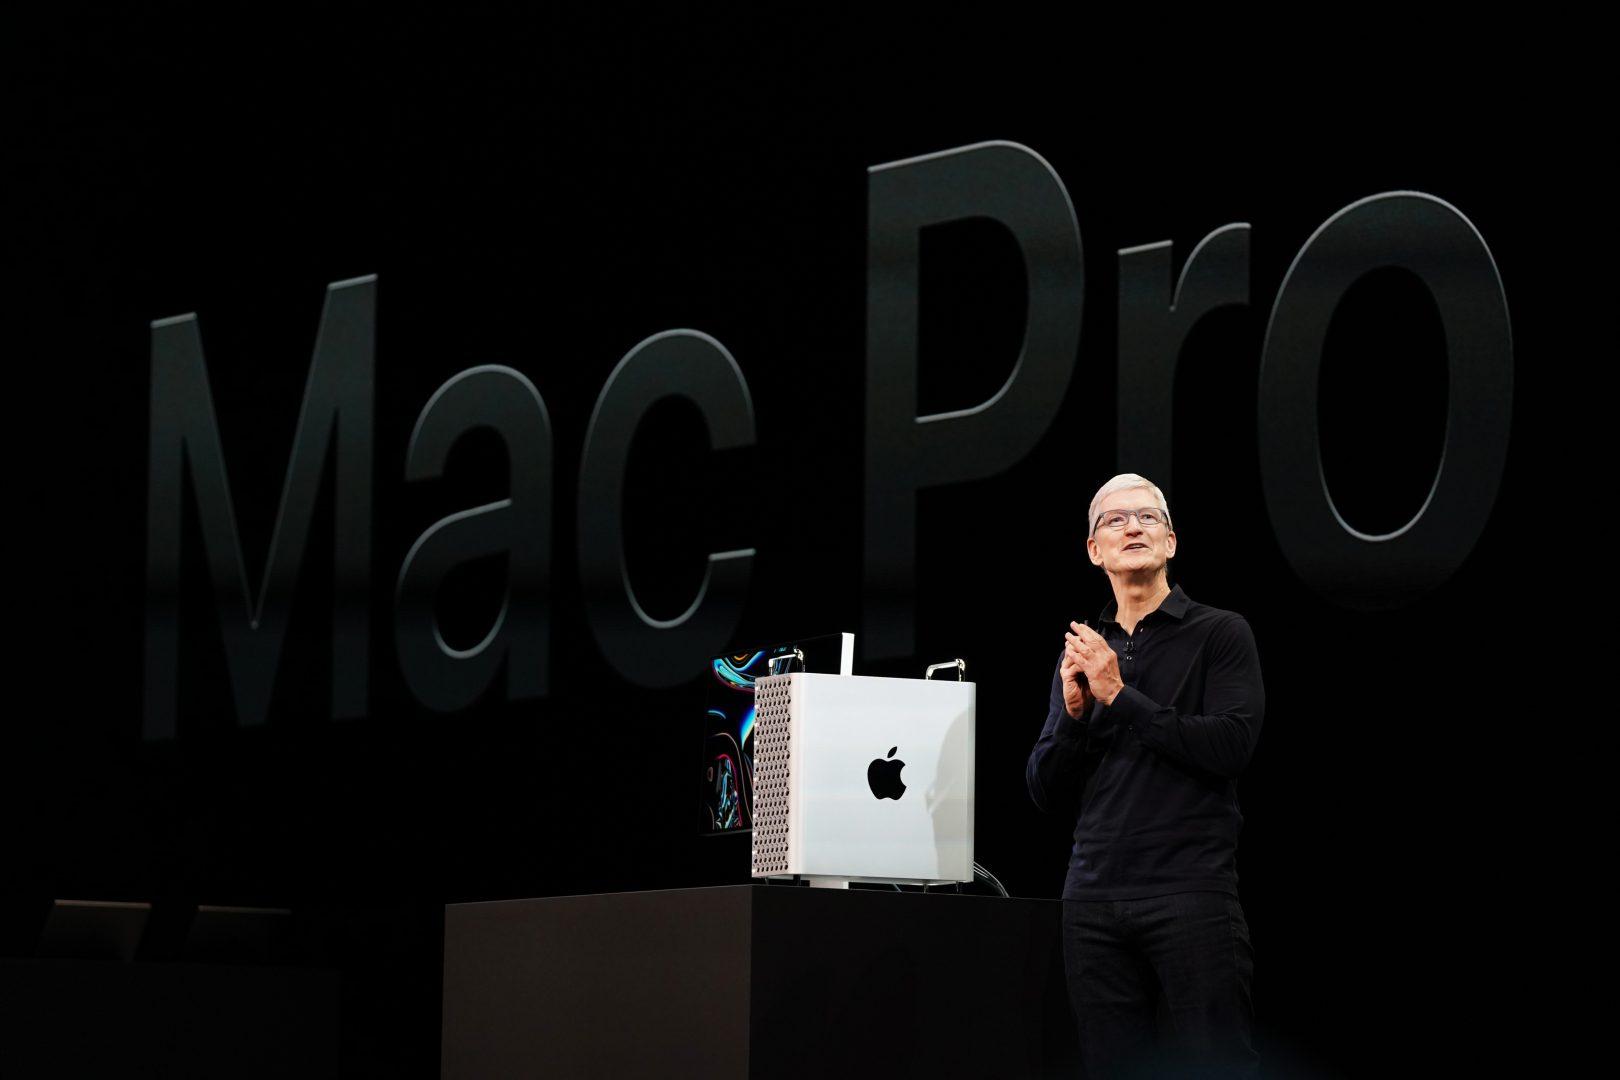 Годишната конференция на Apple и тази година привлече вниманието с много новости. Този път WWDC беше старт не само на новите операционни системи на компанията, но и на малко нов хардуер в лицето на дългоочаквания Mac Pro.